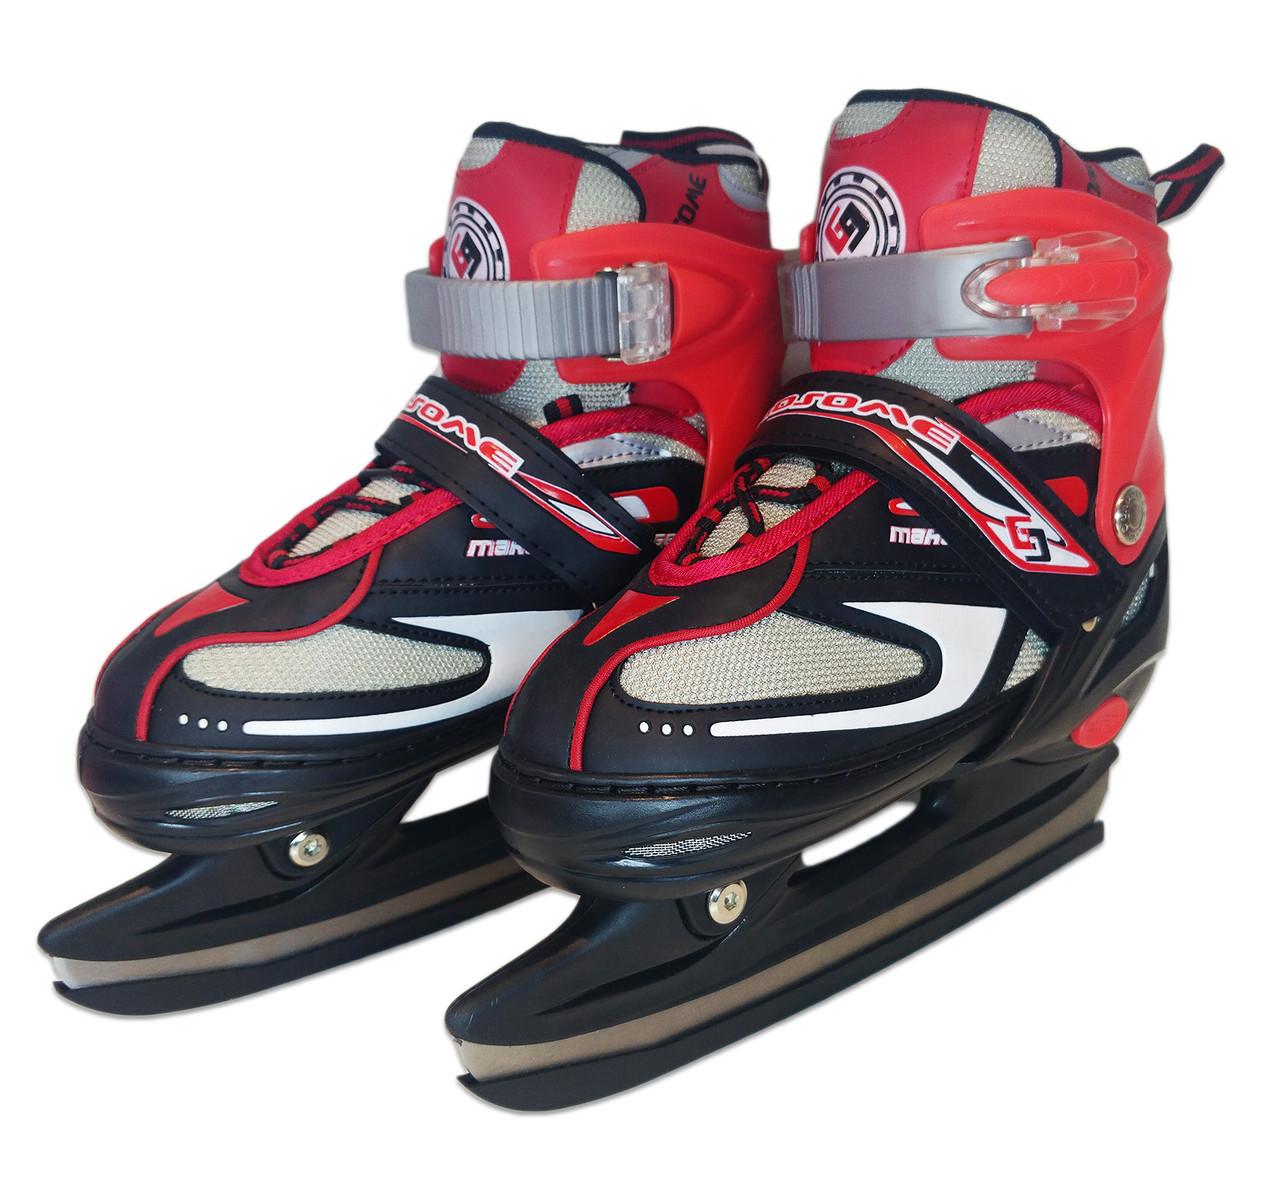 Коньки ледовые раздвижные Sport - Красные, размер 30-33, 34-37